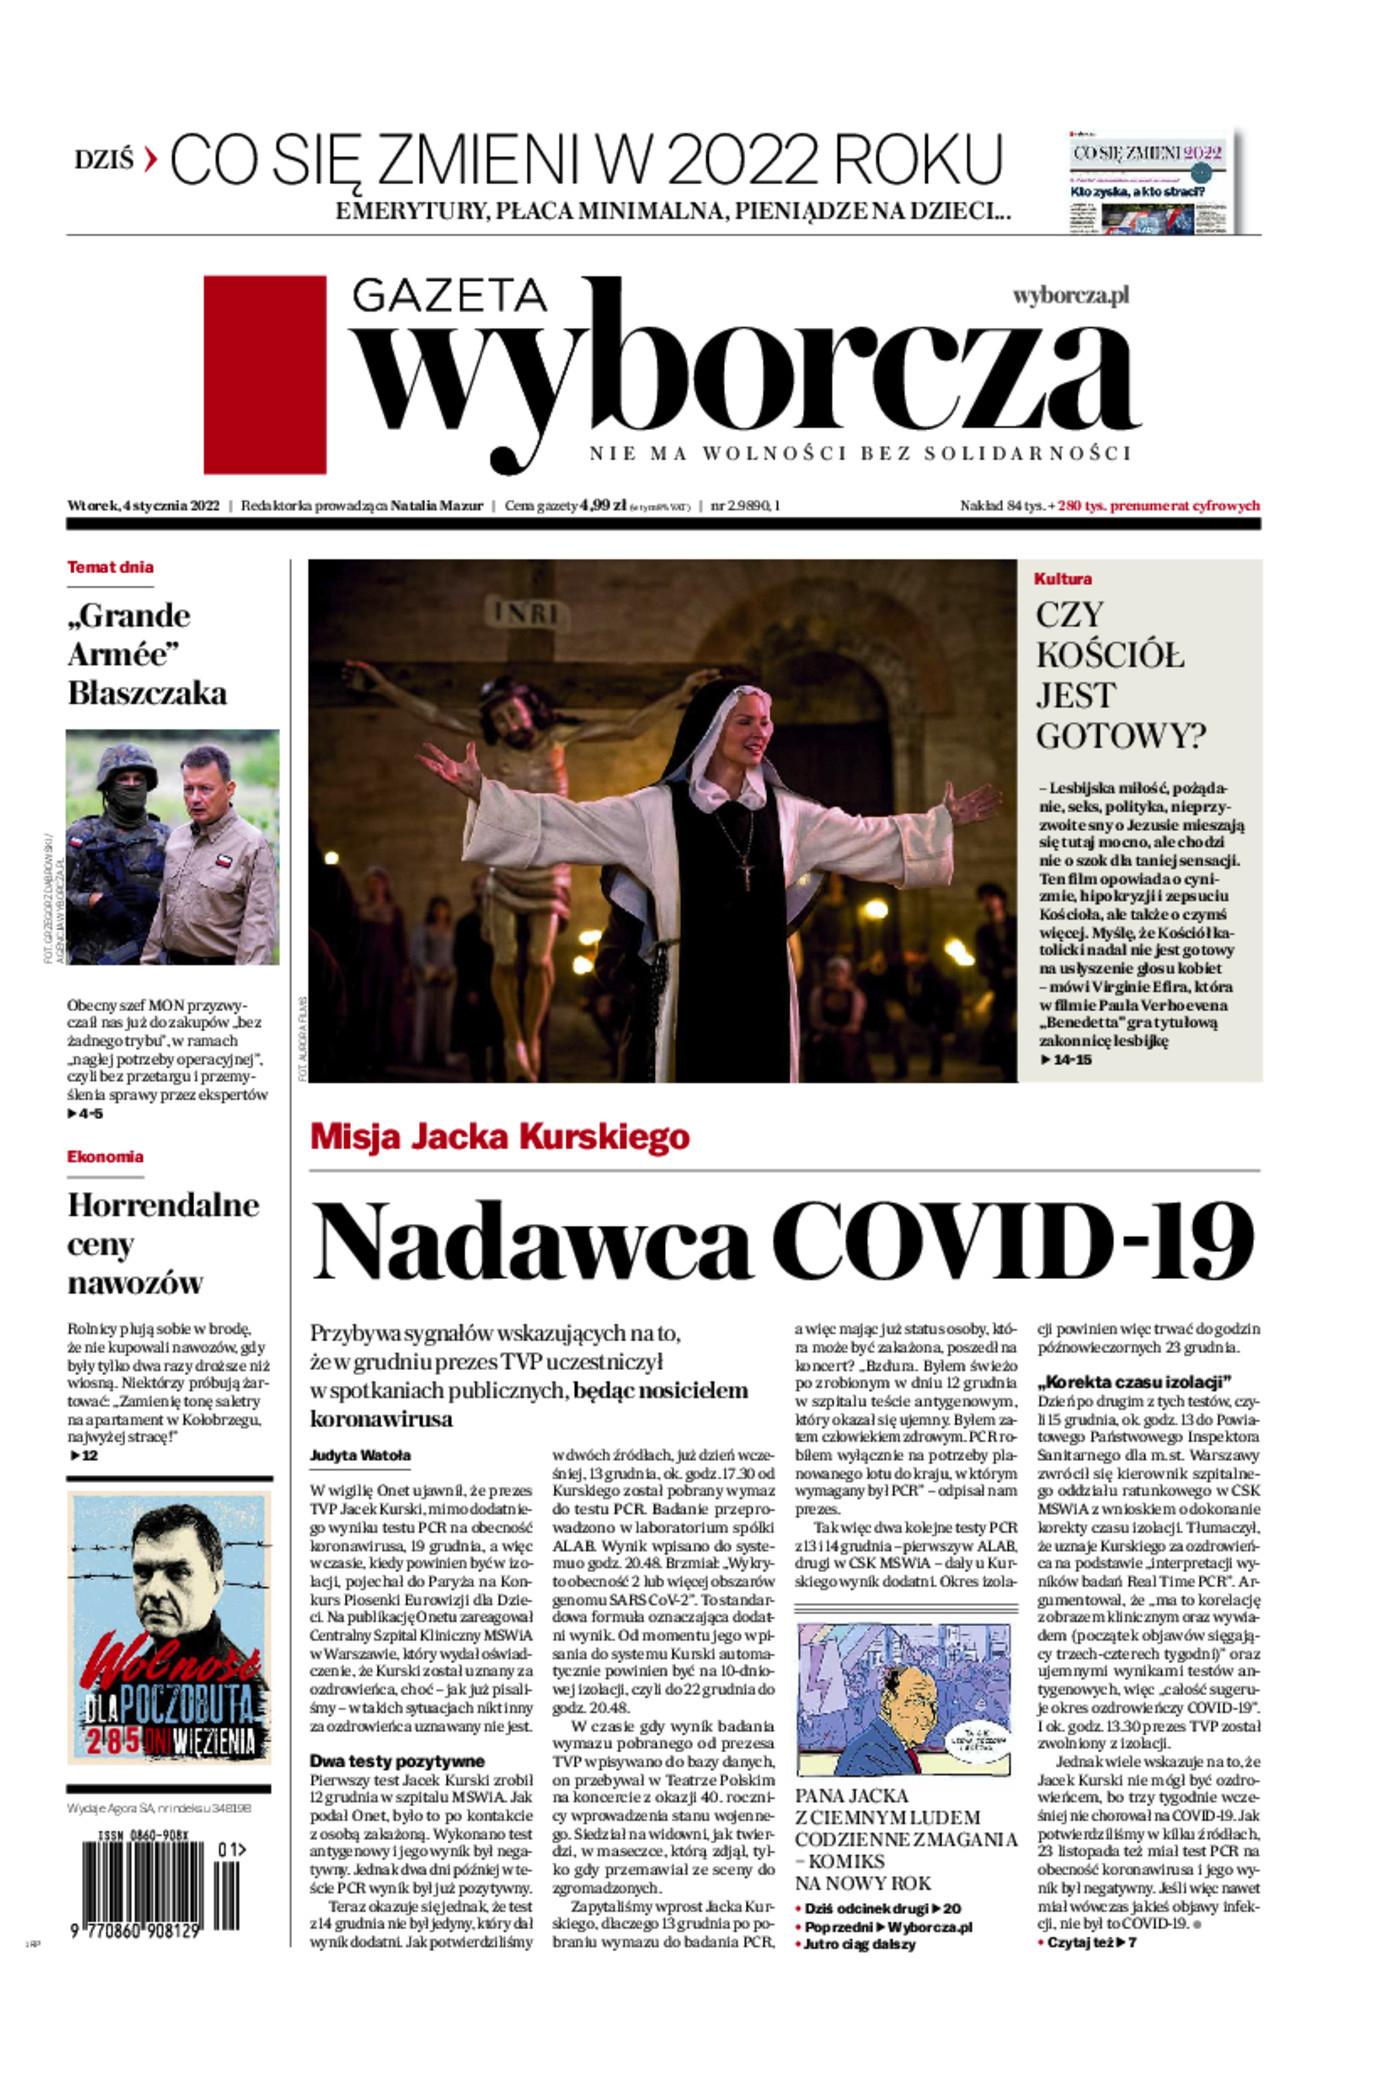 Gazeta Wyborcza Toru� - ePrasa, dziennik, czasopismo spo�eczno-informacyjne, polityka, gospodarka, biznes